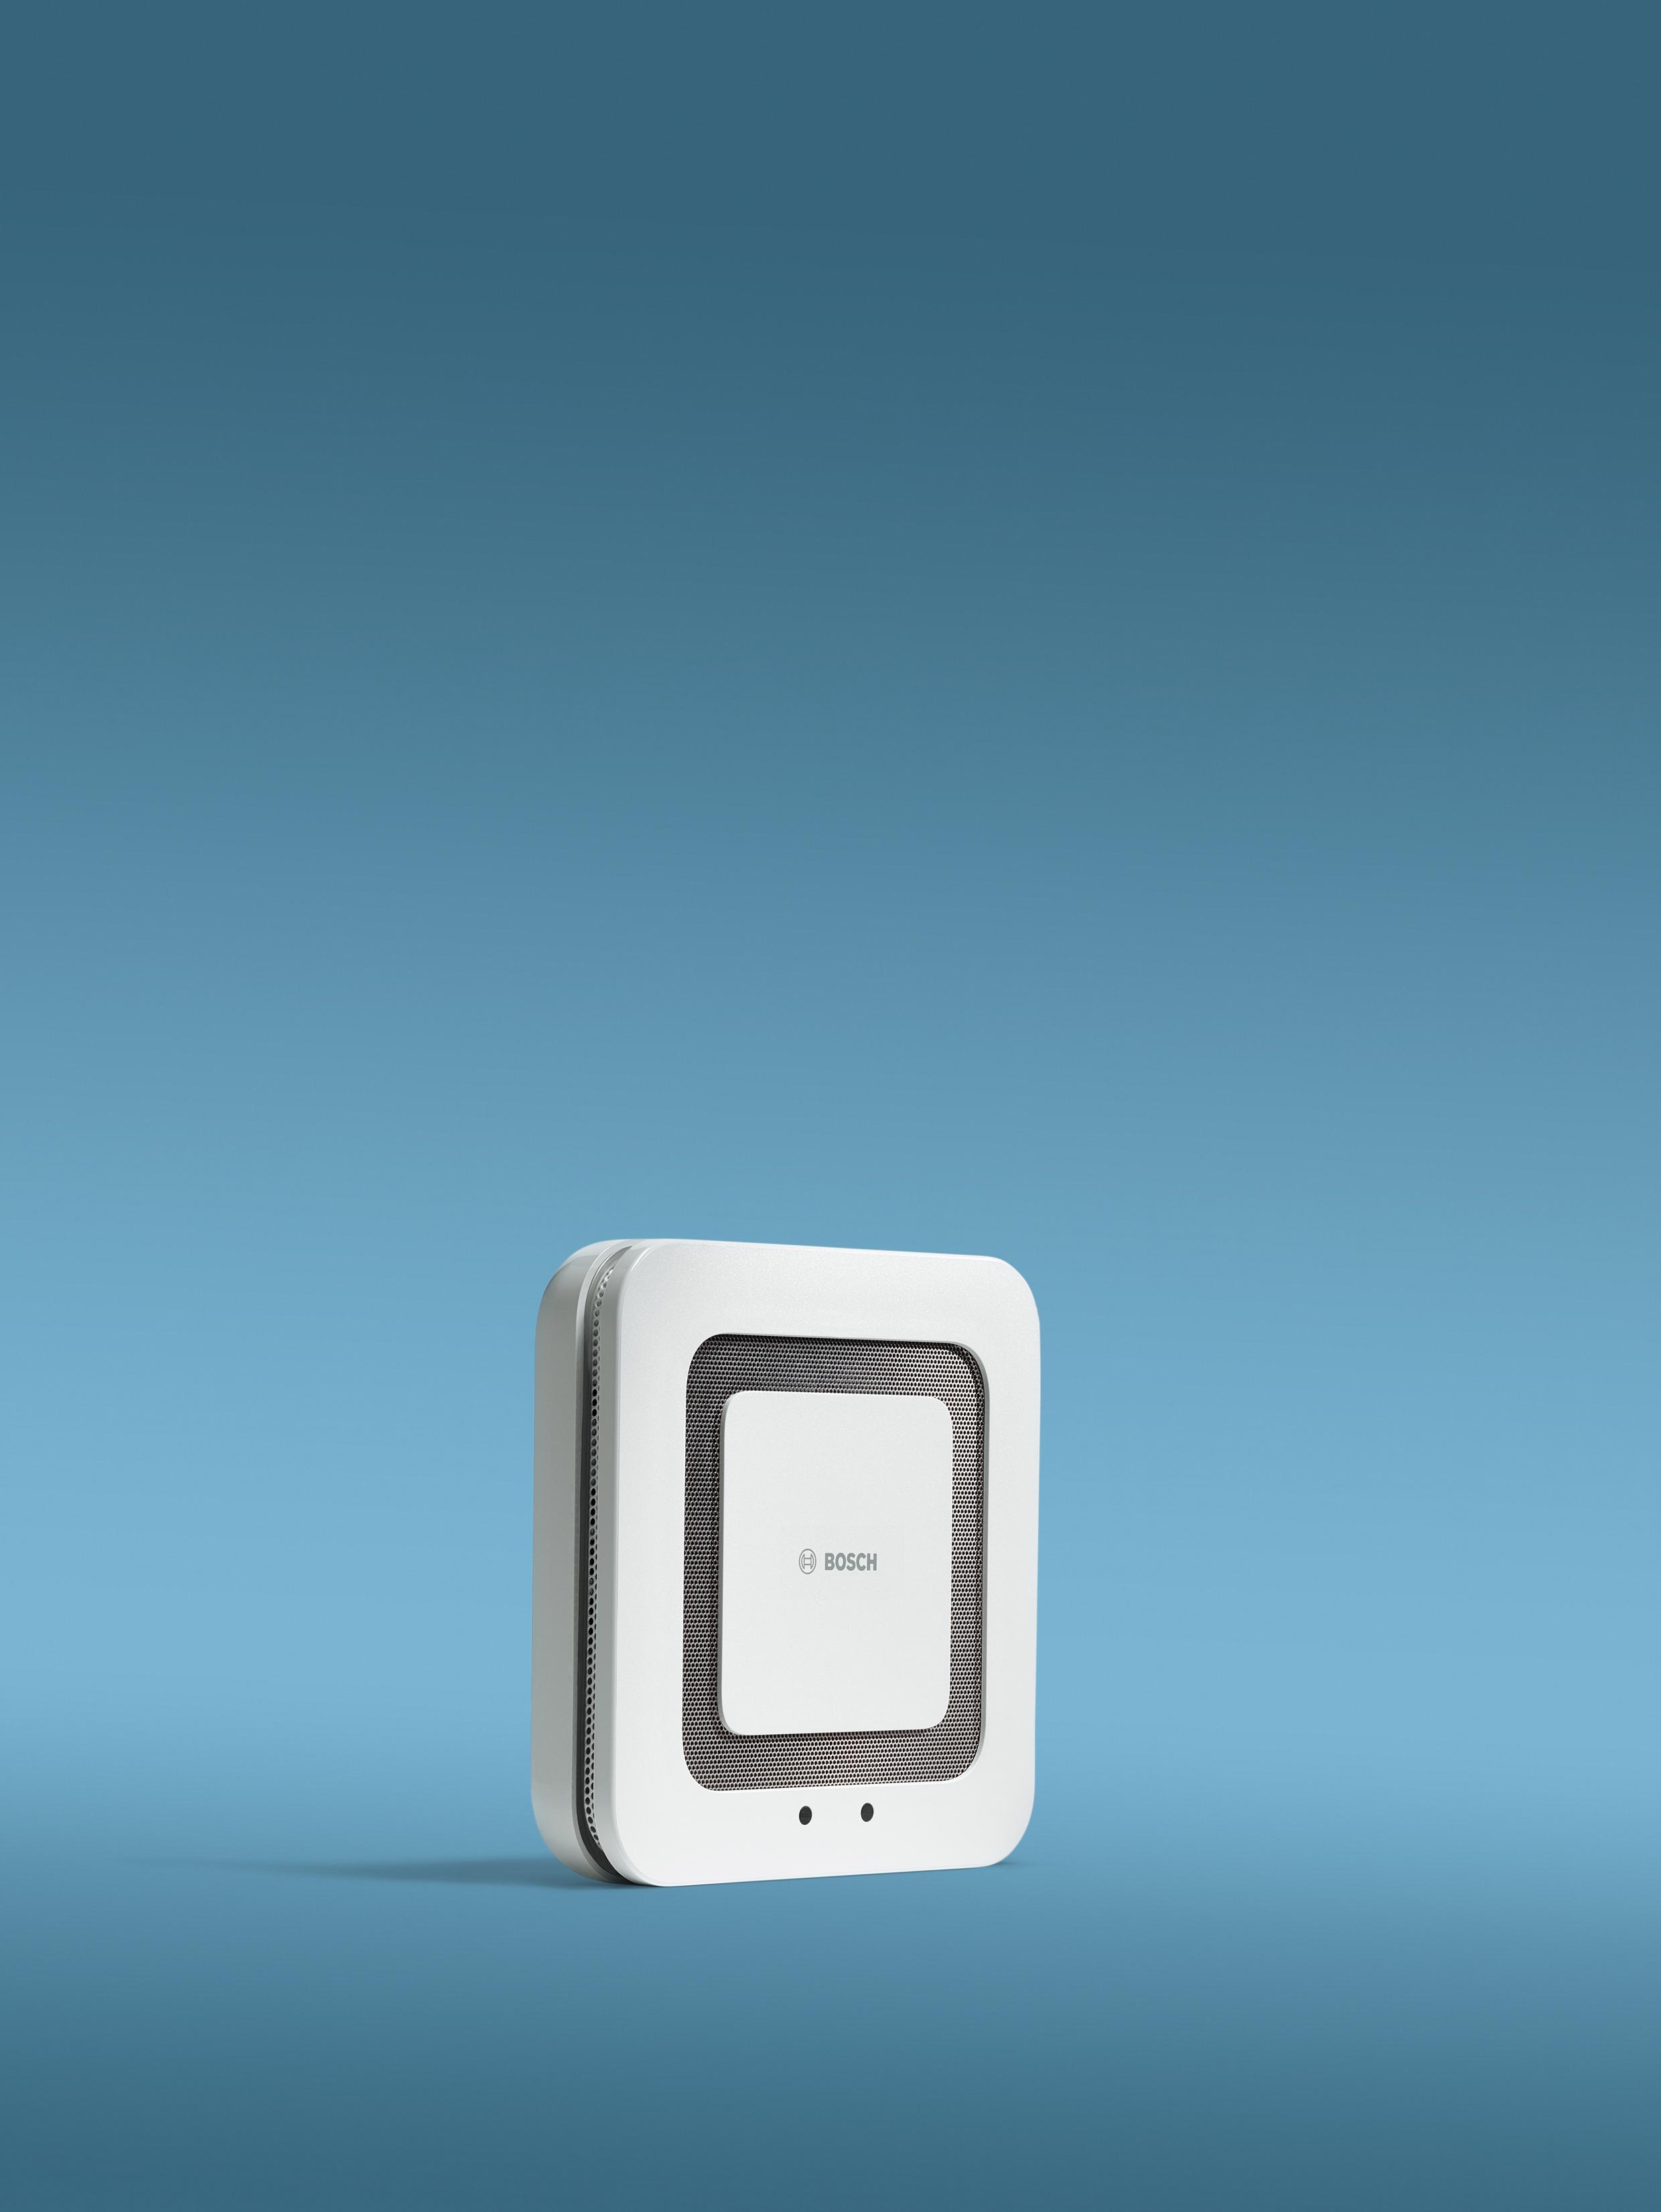 Bosch Smart Home Twinguard Rauchwarnmelder mit Luftgütesensor